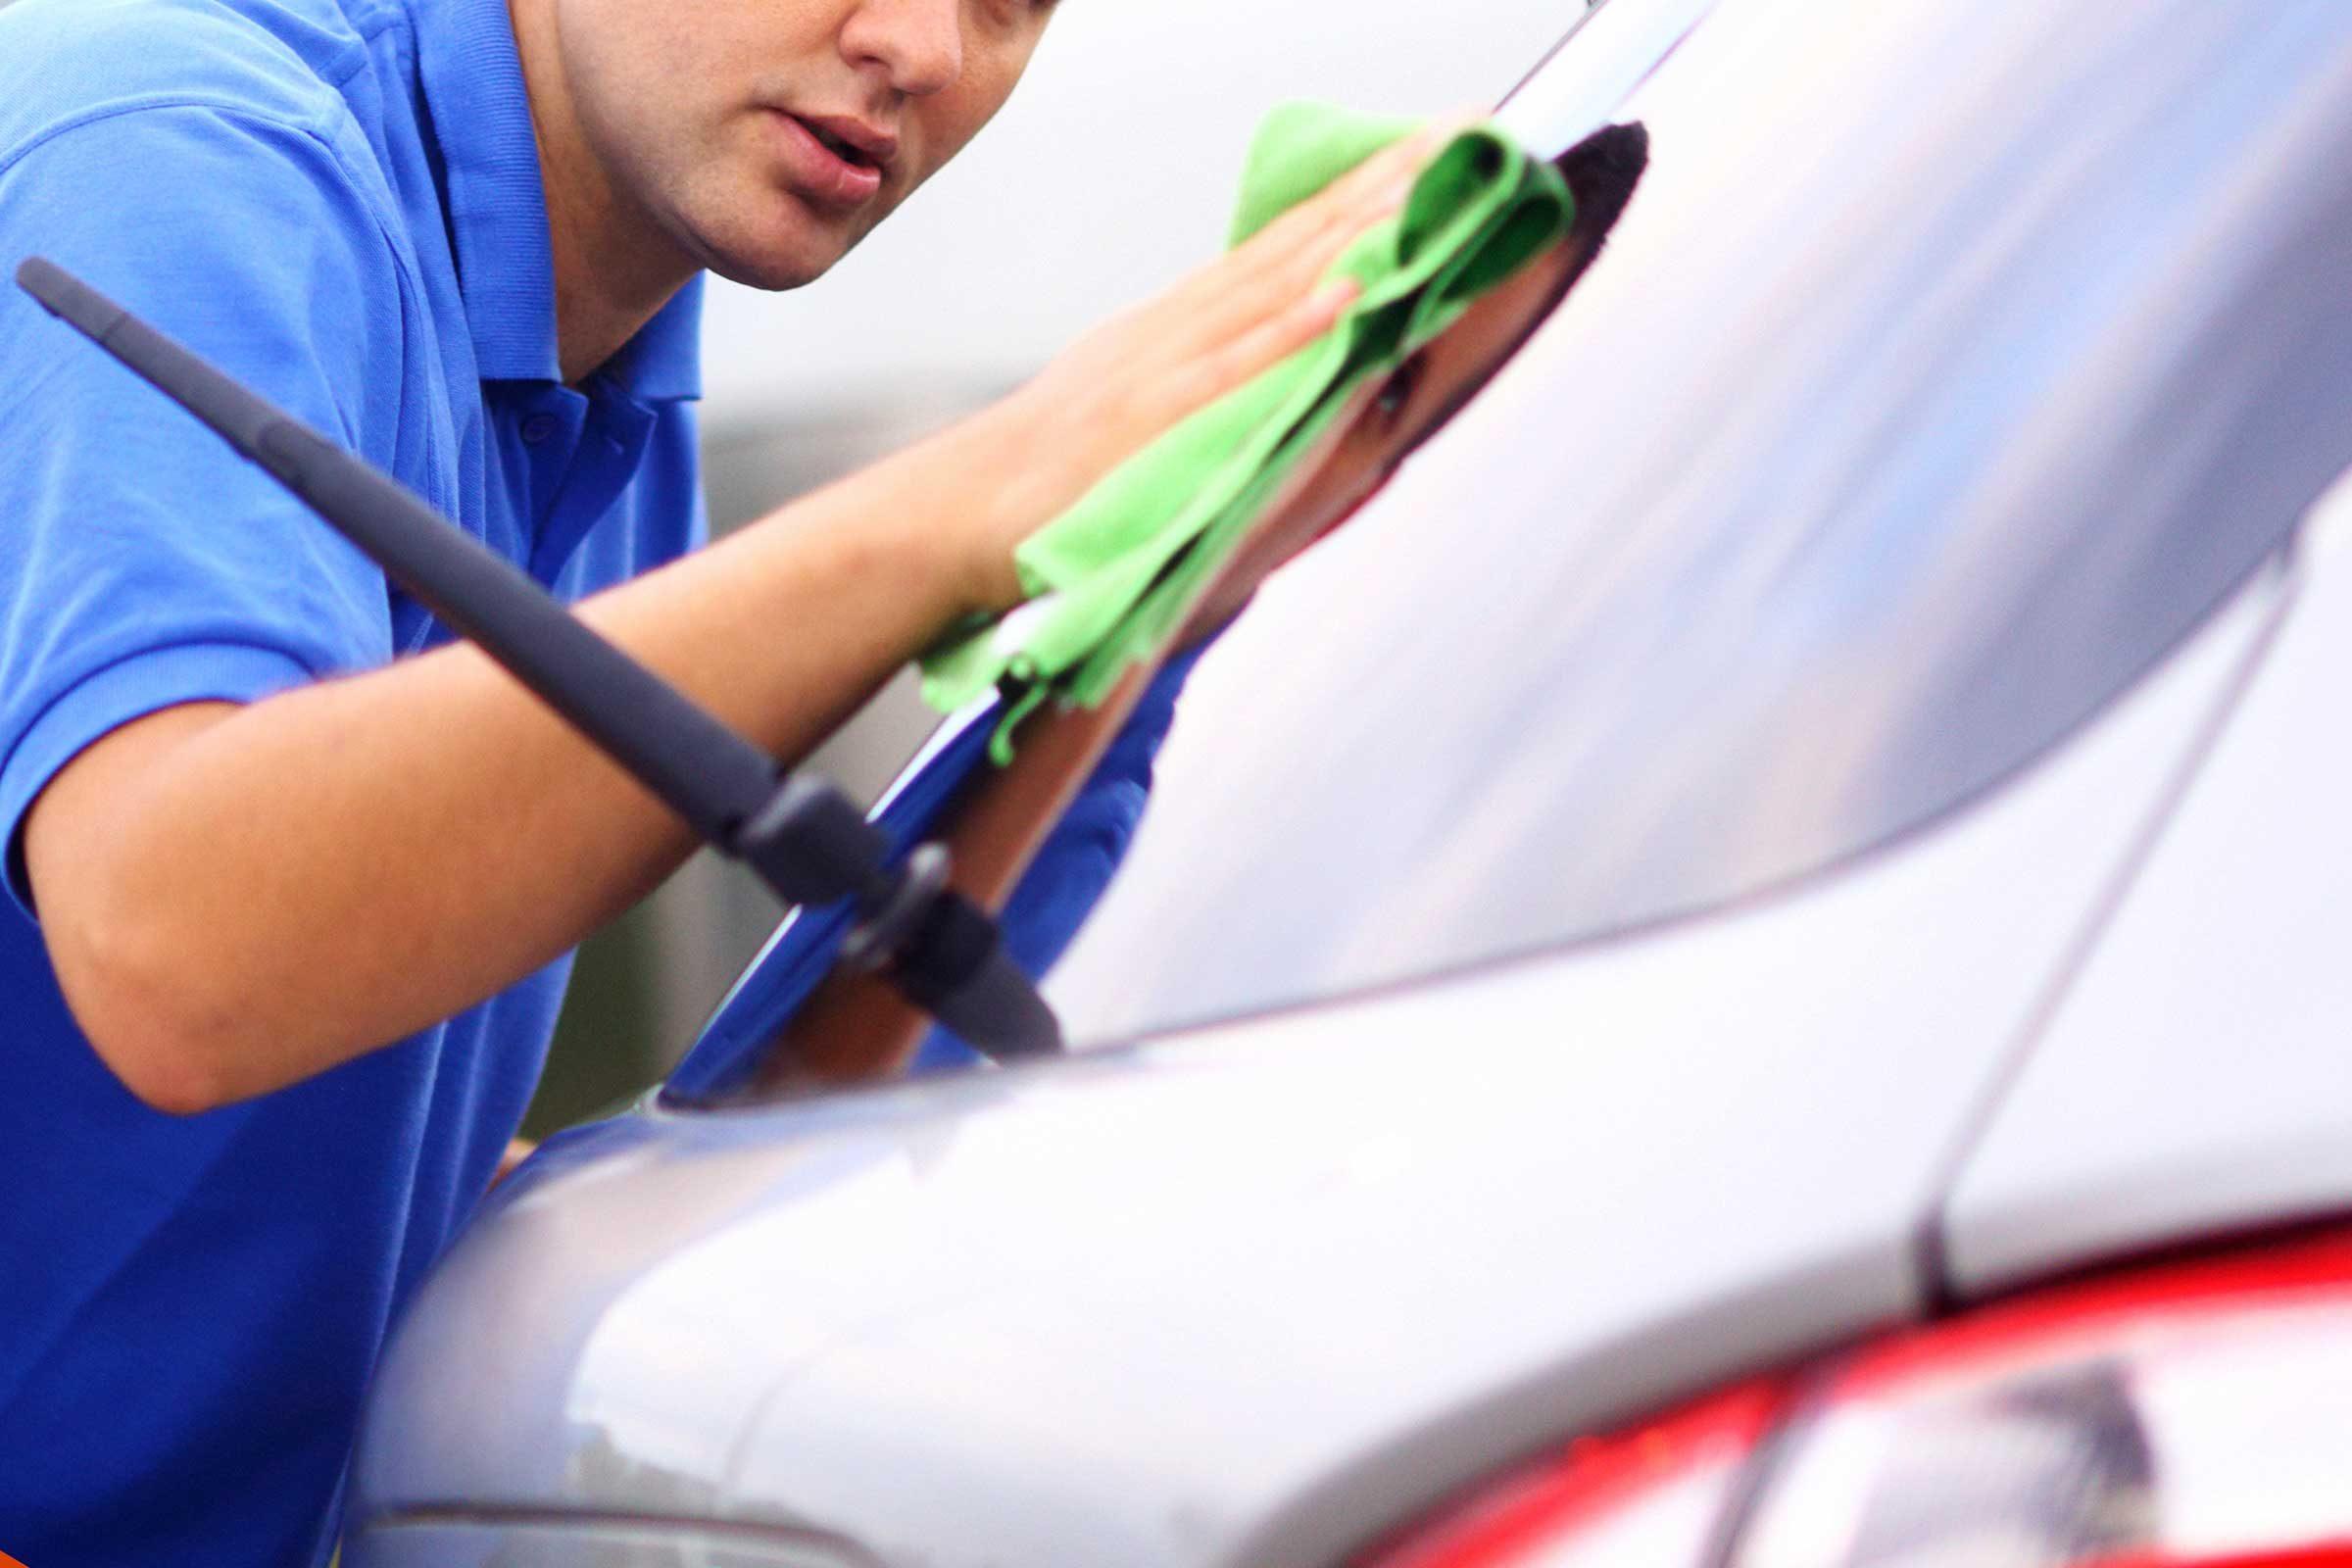 Cooking spray de-bugs your car